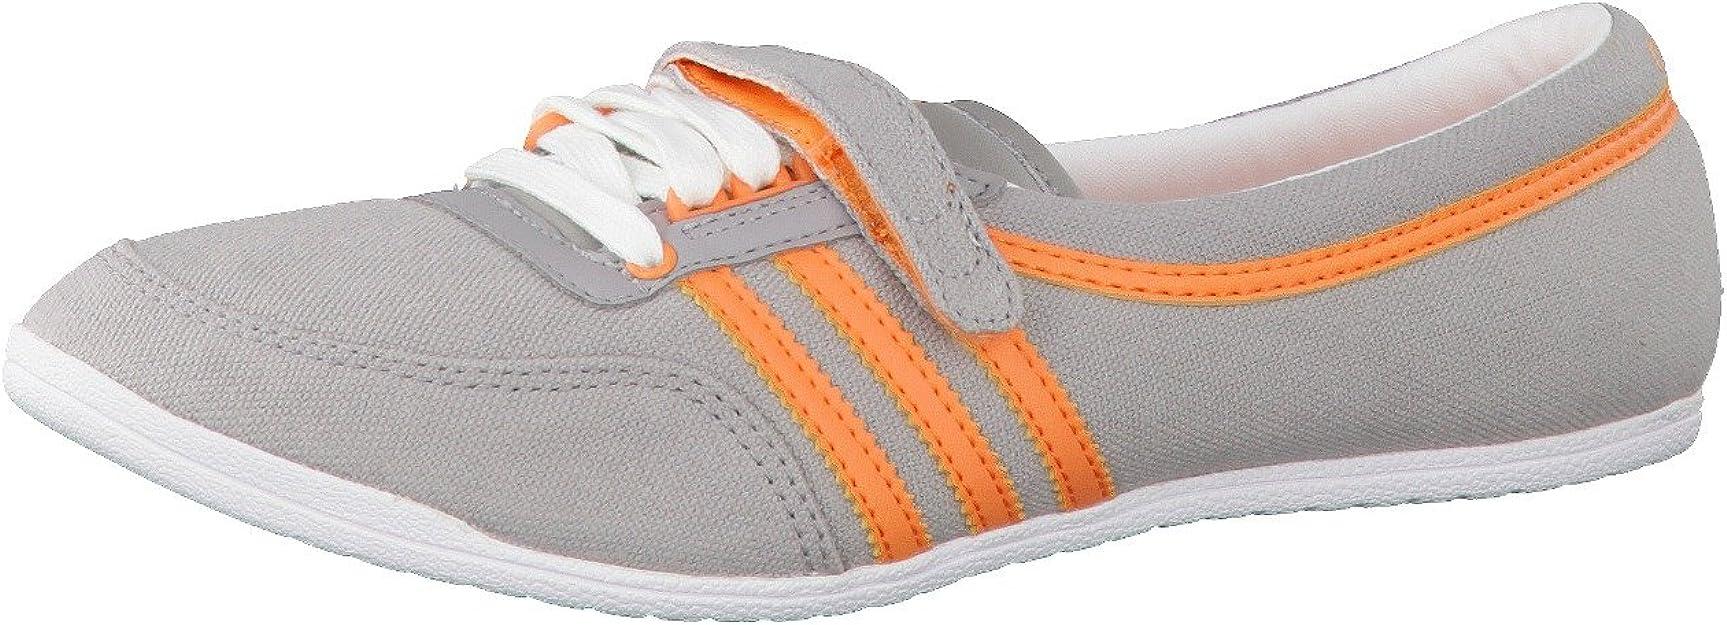 adidas Originals Concord Round, Zapatillas para Mujer, Aluminium/St Tropic Melon S14/Running White, 43.3333333333 EU: Amazon.es: Zapatos y complementos